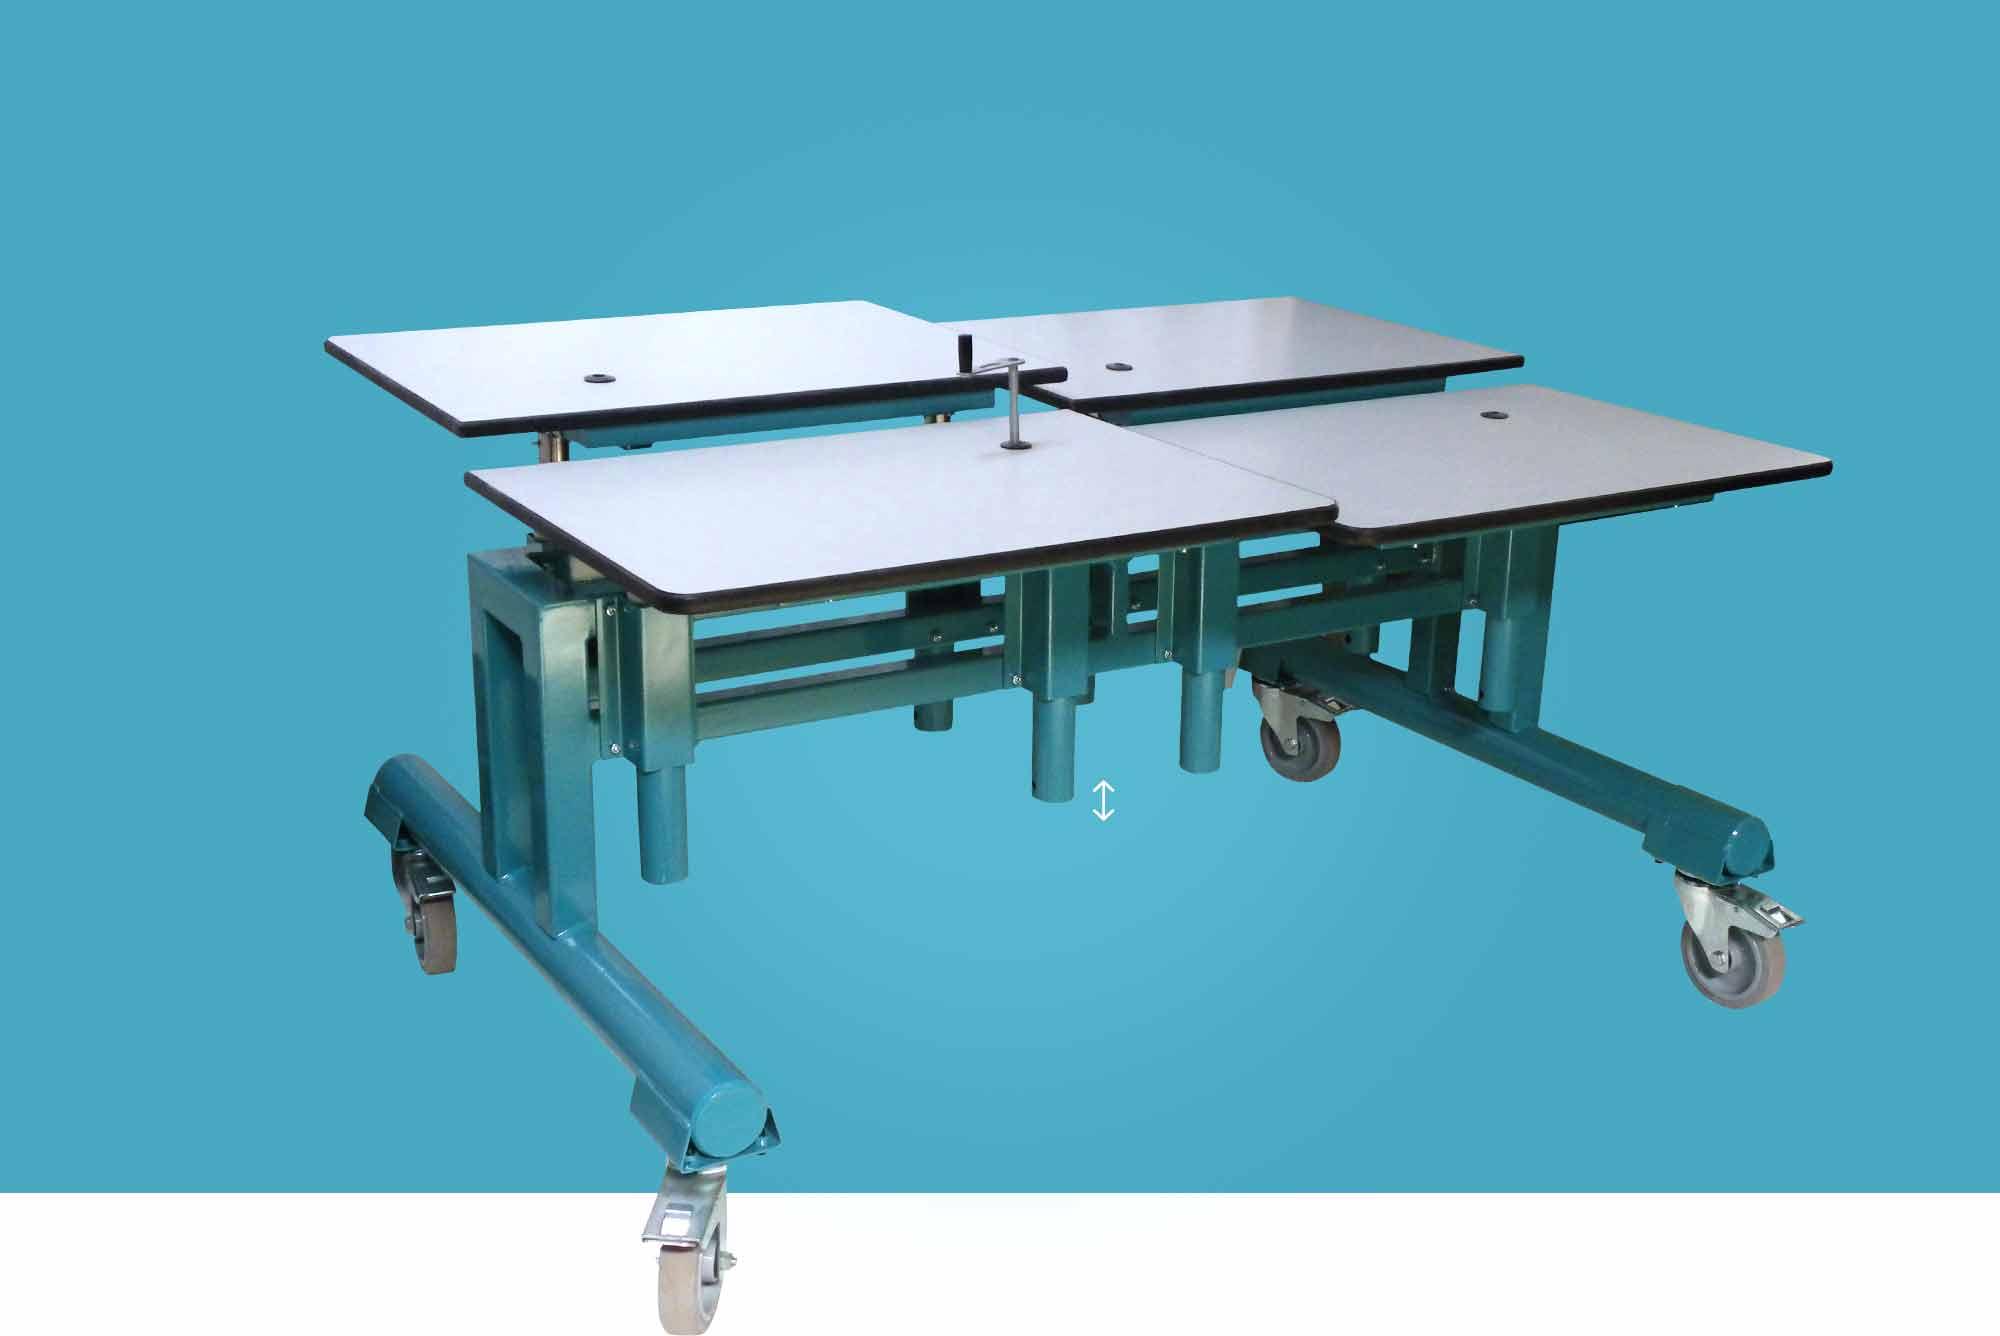 Hephaïstos mobilier adapté handicap table hauteur réglable